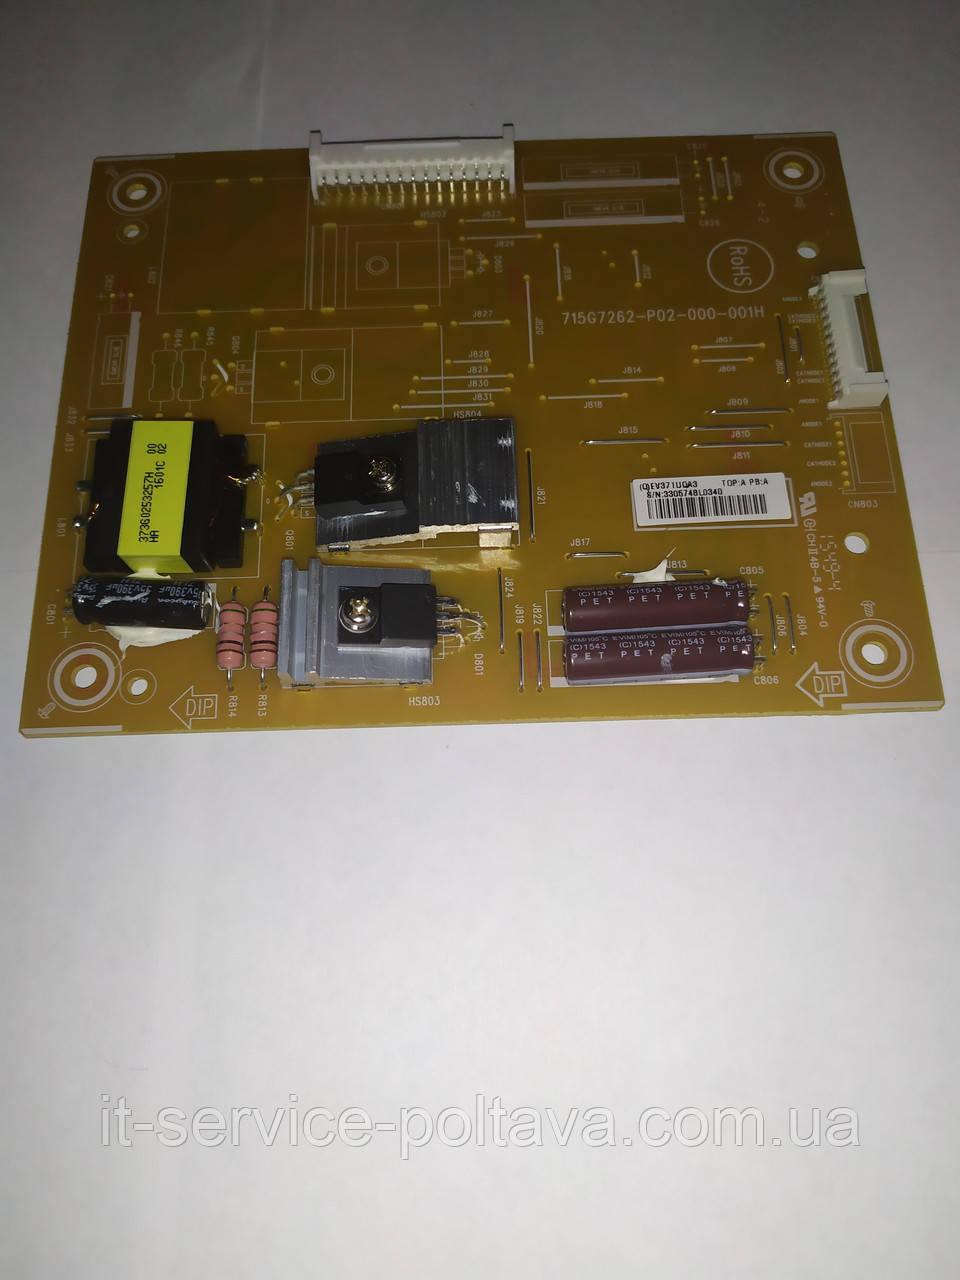 Інвертор (INVERTER BOARD) 715G7262-P02-000-001H для телевізора PHILIPS